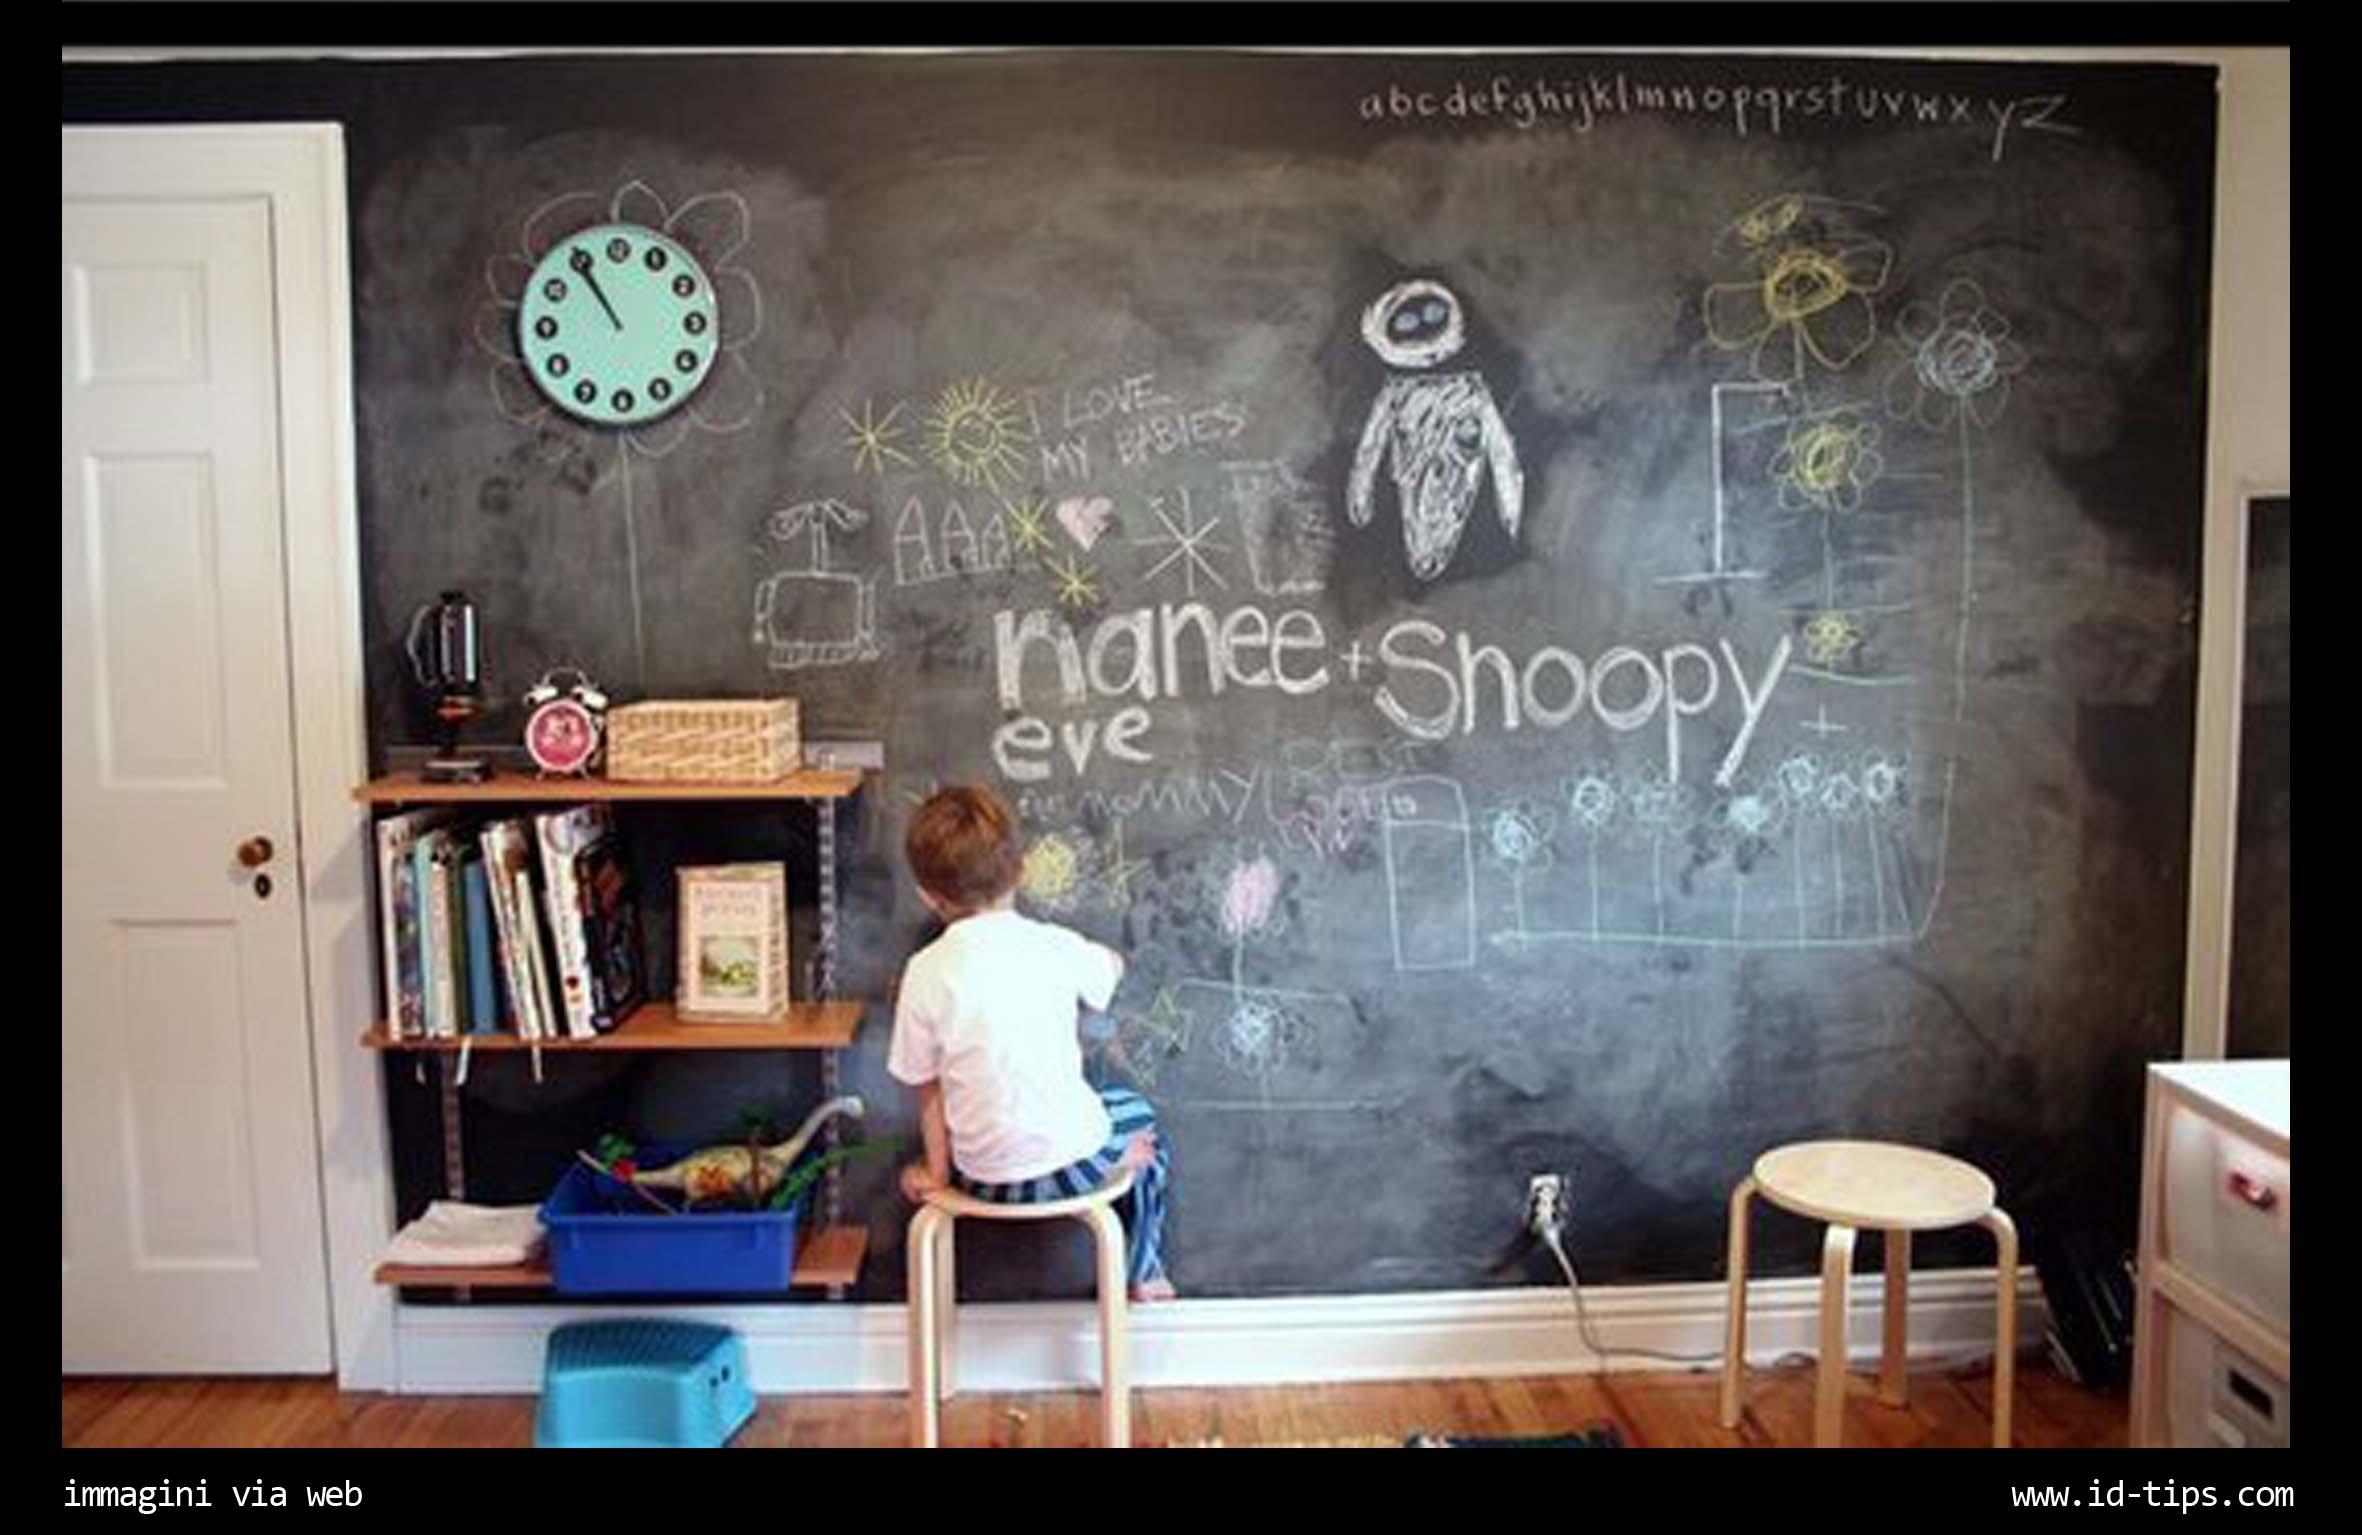 Cucine giocattolo in legno per bambini: amazon: cucina giocattolo ...